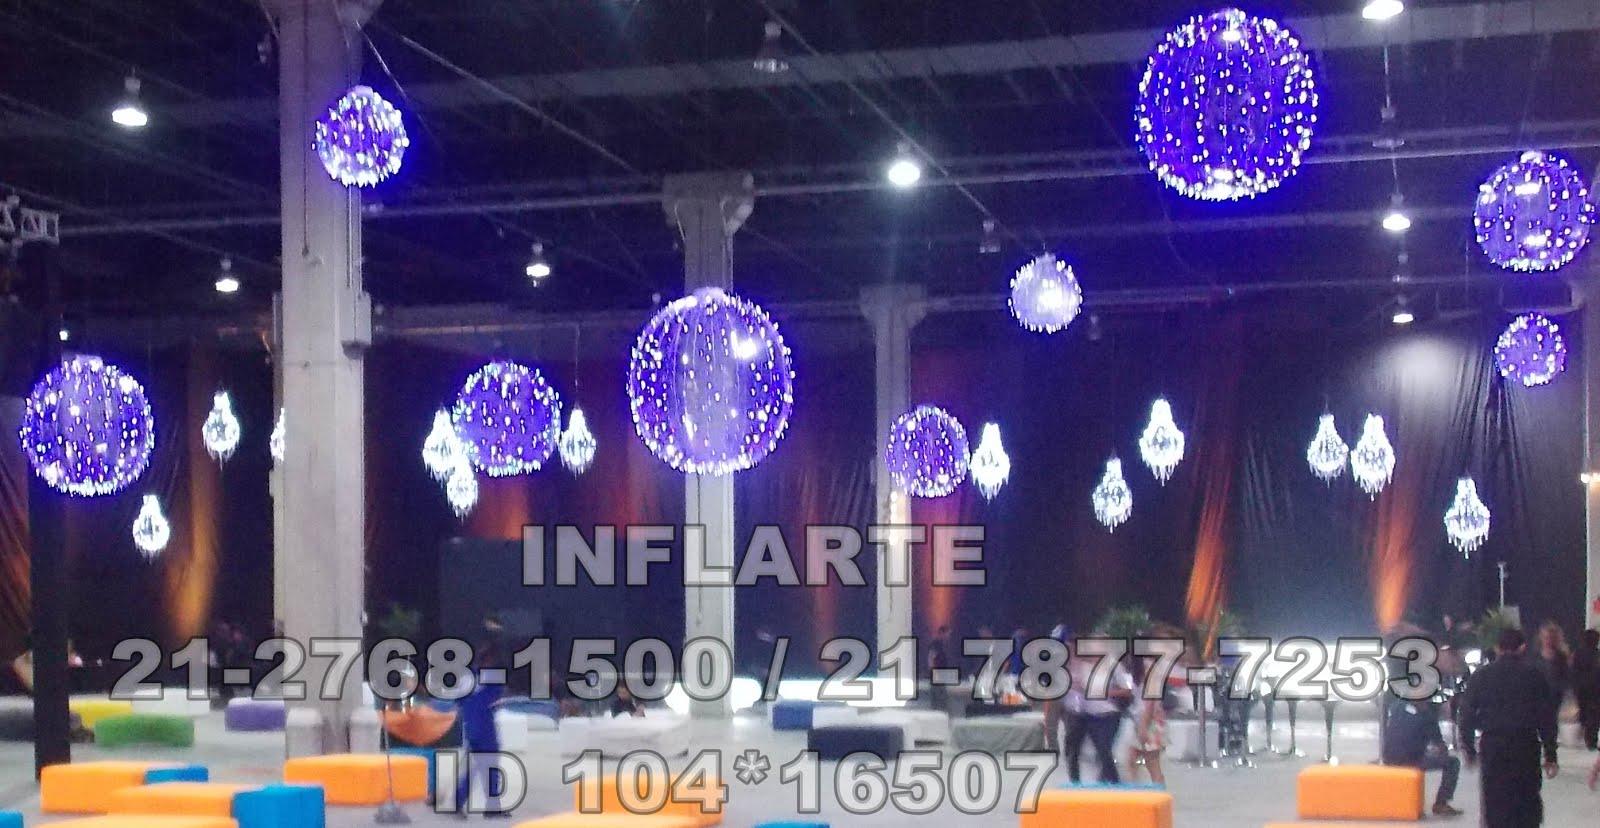 INFLARTE Inflaveis Decorativos Decoraç u00e3o de final de ano para eventos corporativos  -> Decoração Eventos Corporativos Curitiba